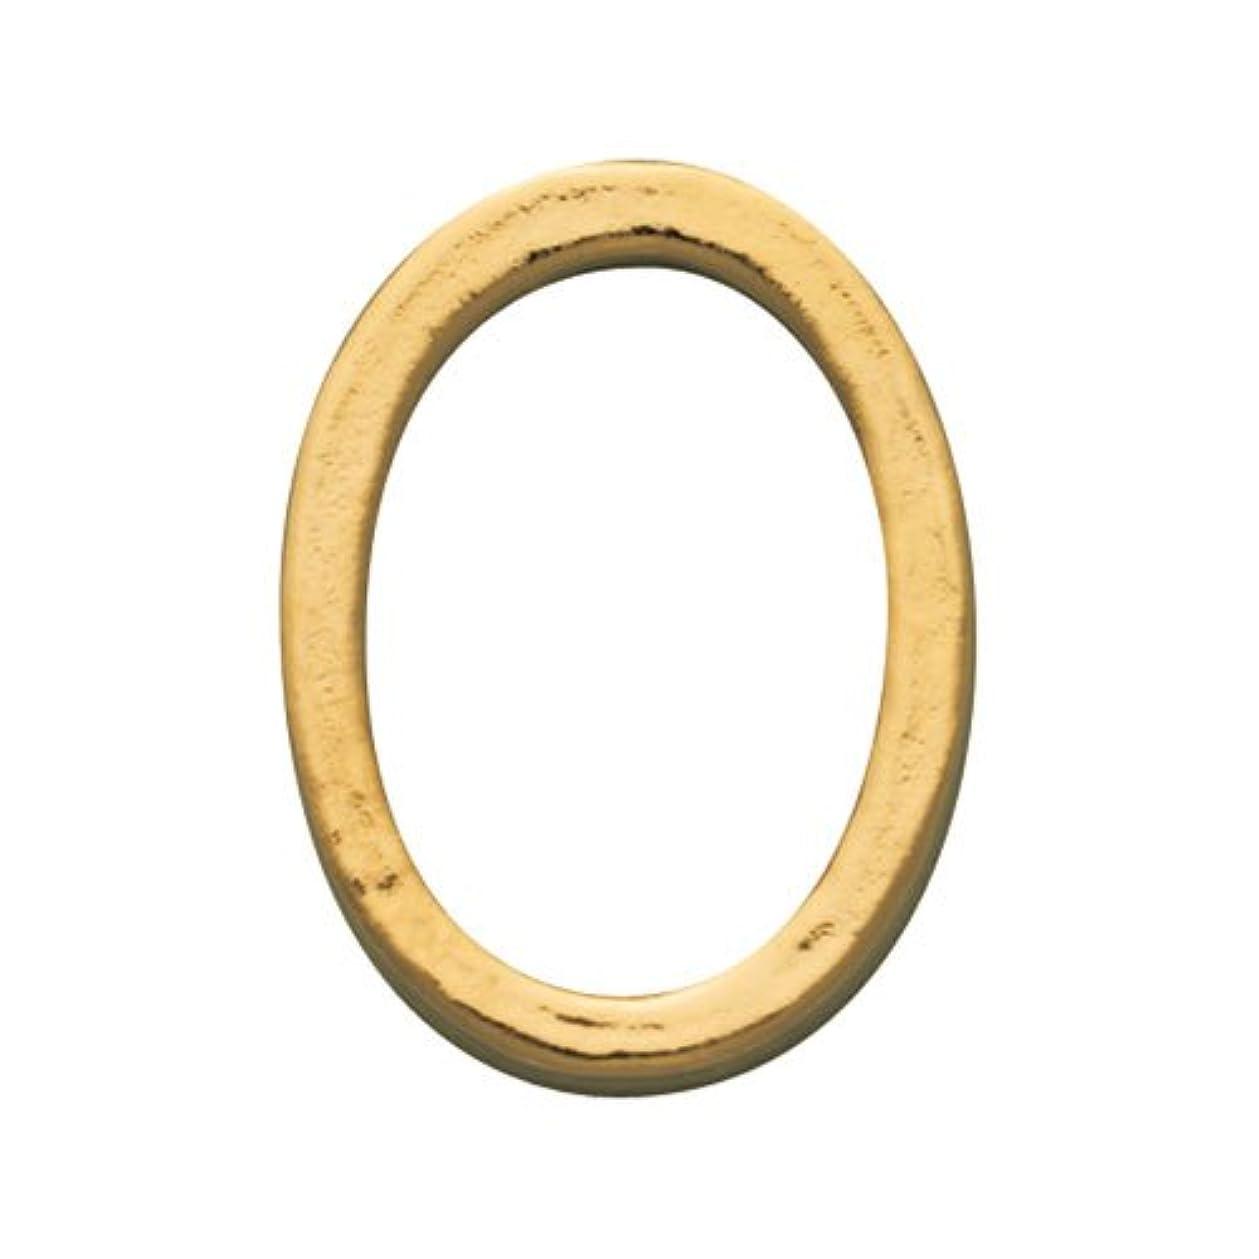 満足させるホイップ細心のプリティーネイル ネイルアートパーツ プレーンオーバルL ゴールド  10個